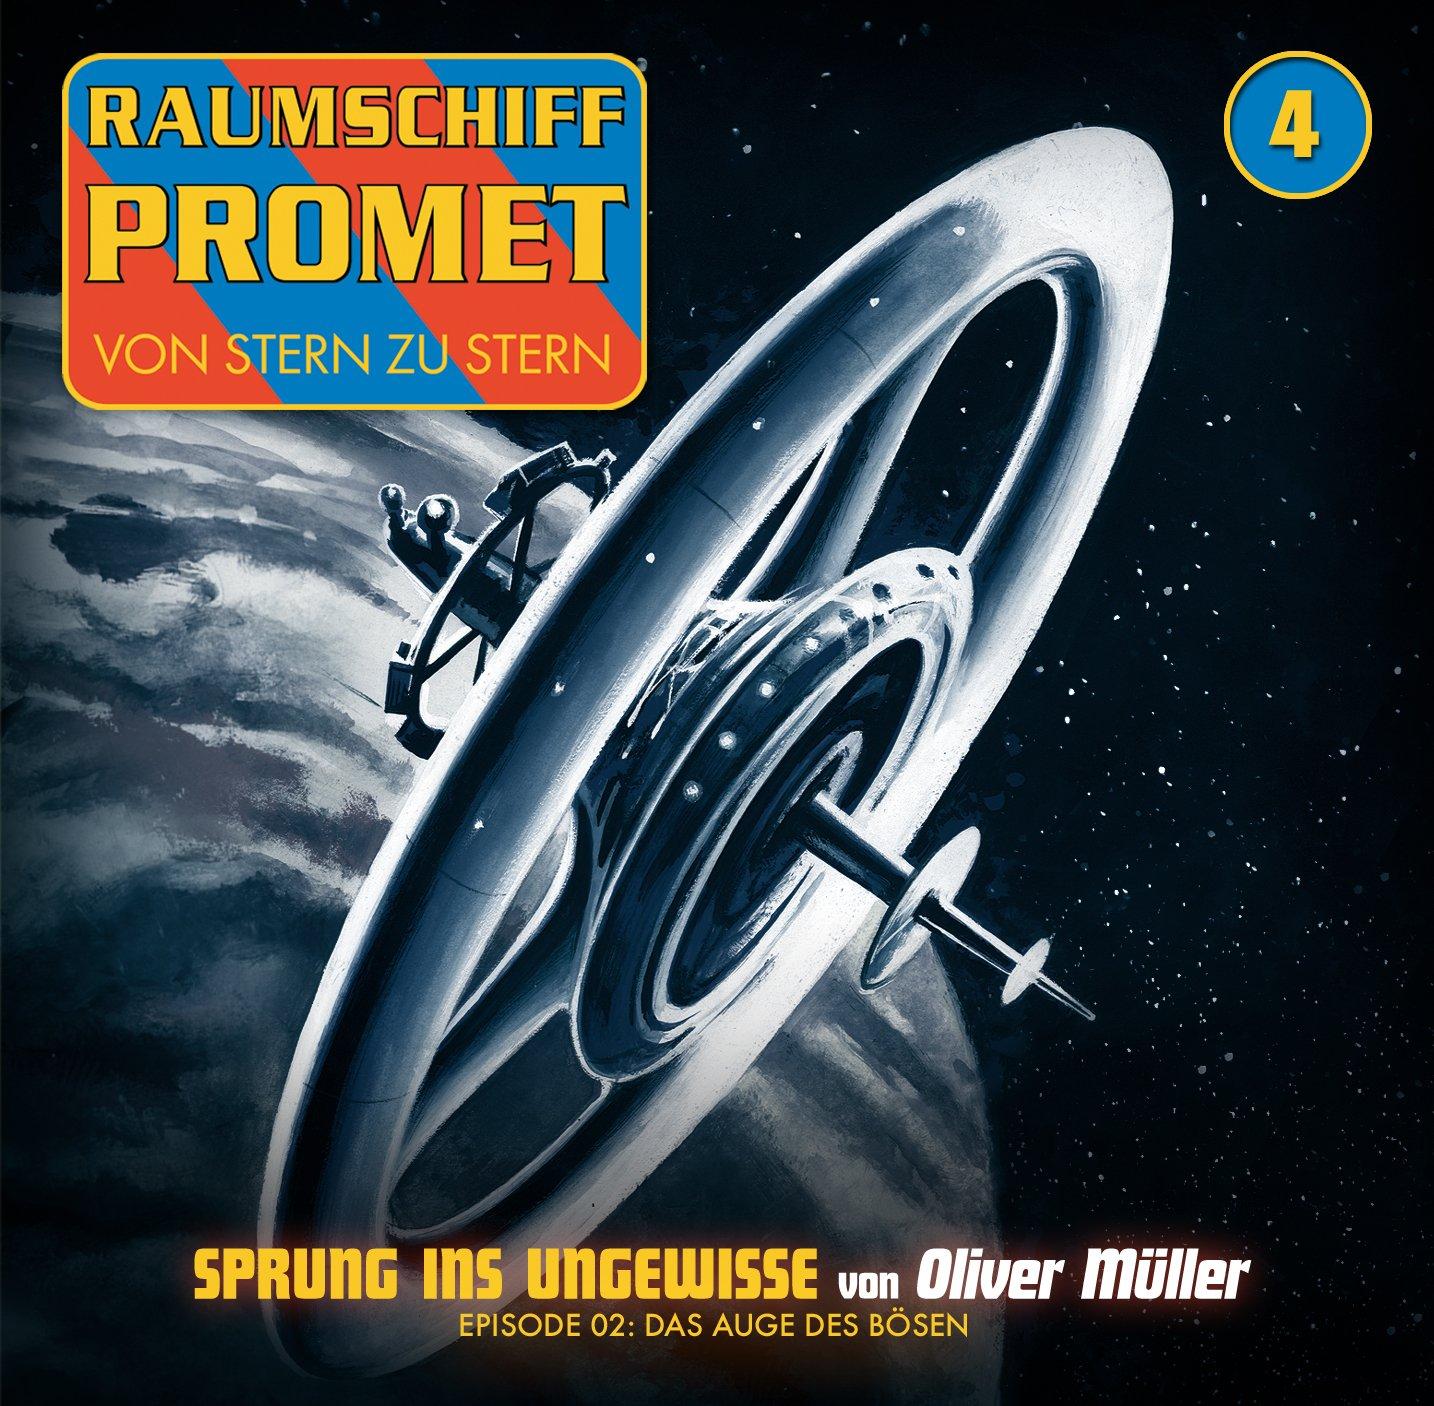 Raumschiff Promet (4) Sprung ins Ungewisse (2) Das Auge des Bösen - Winterzeit 2015